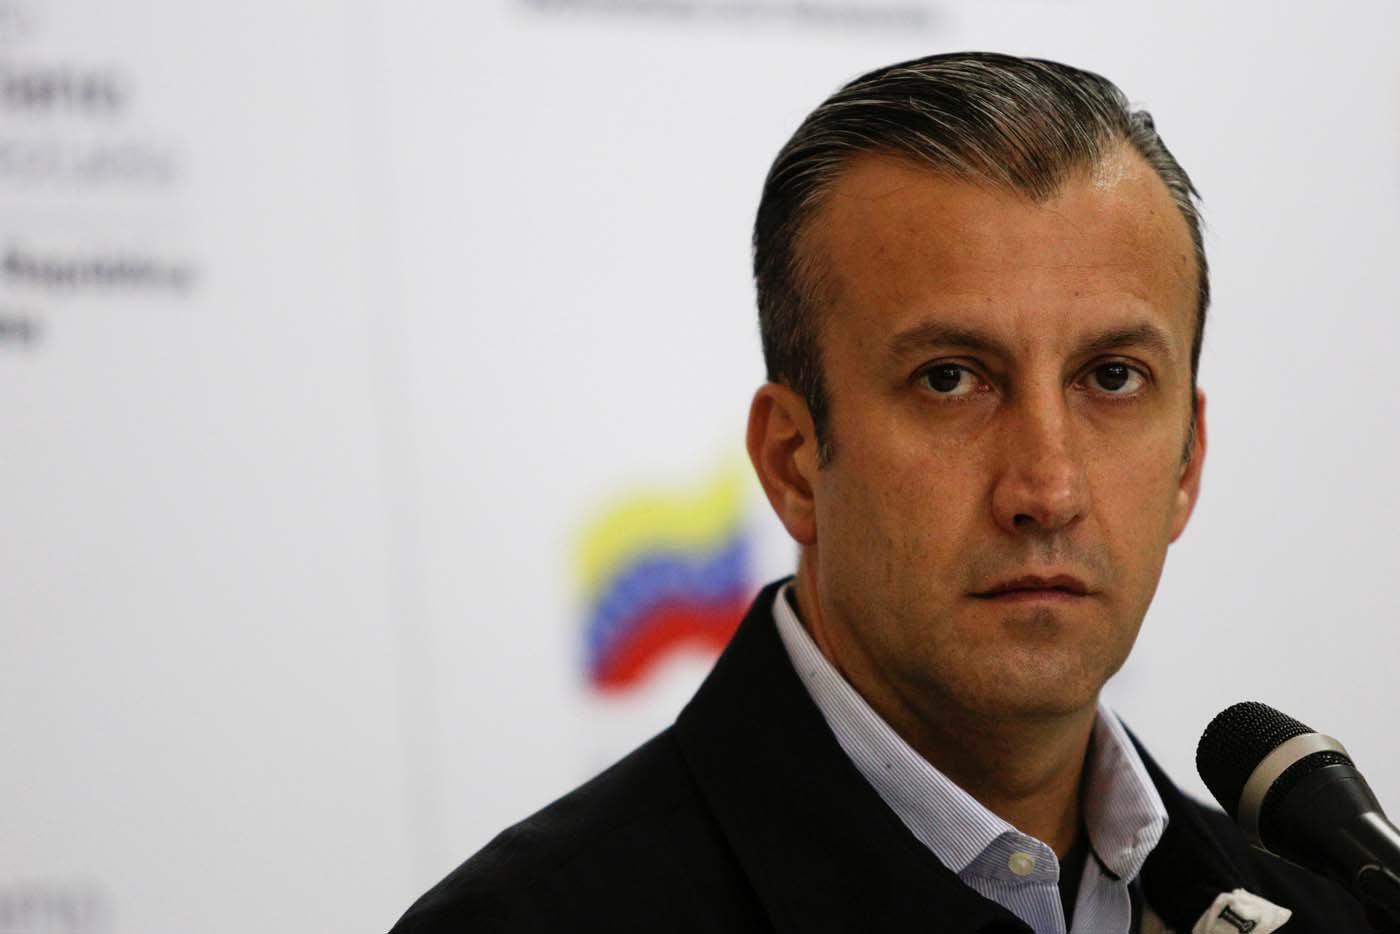 Tareck El Aissami mantiene una fortuna de 500 millones de dólares en cuentas offshore, apartamentos y coches de lujo.